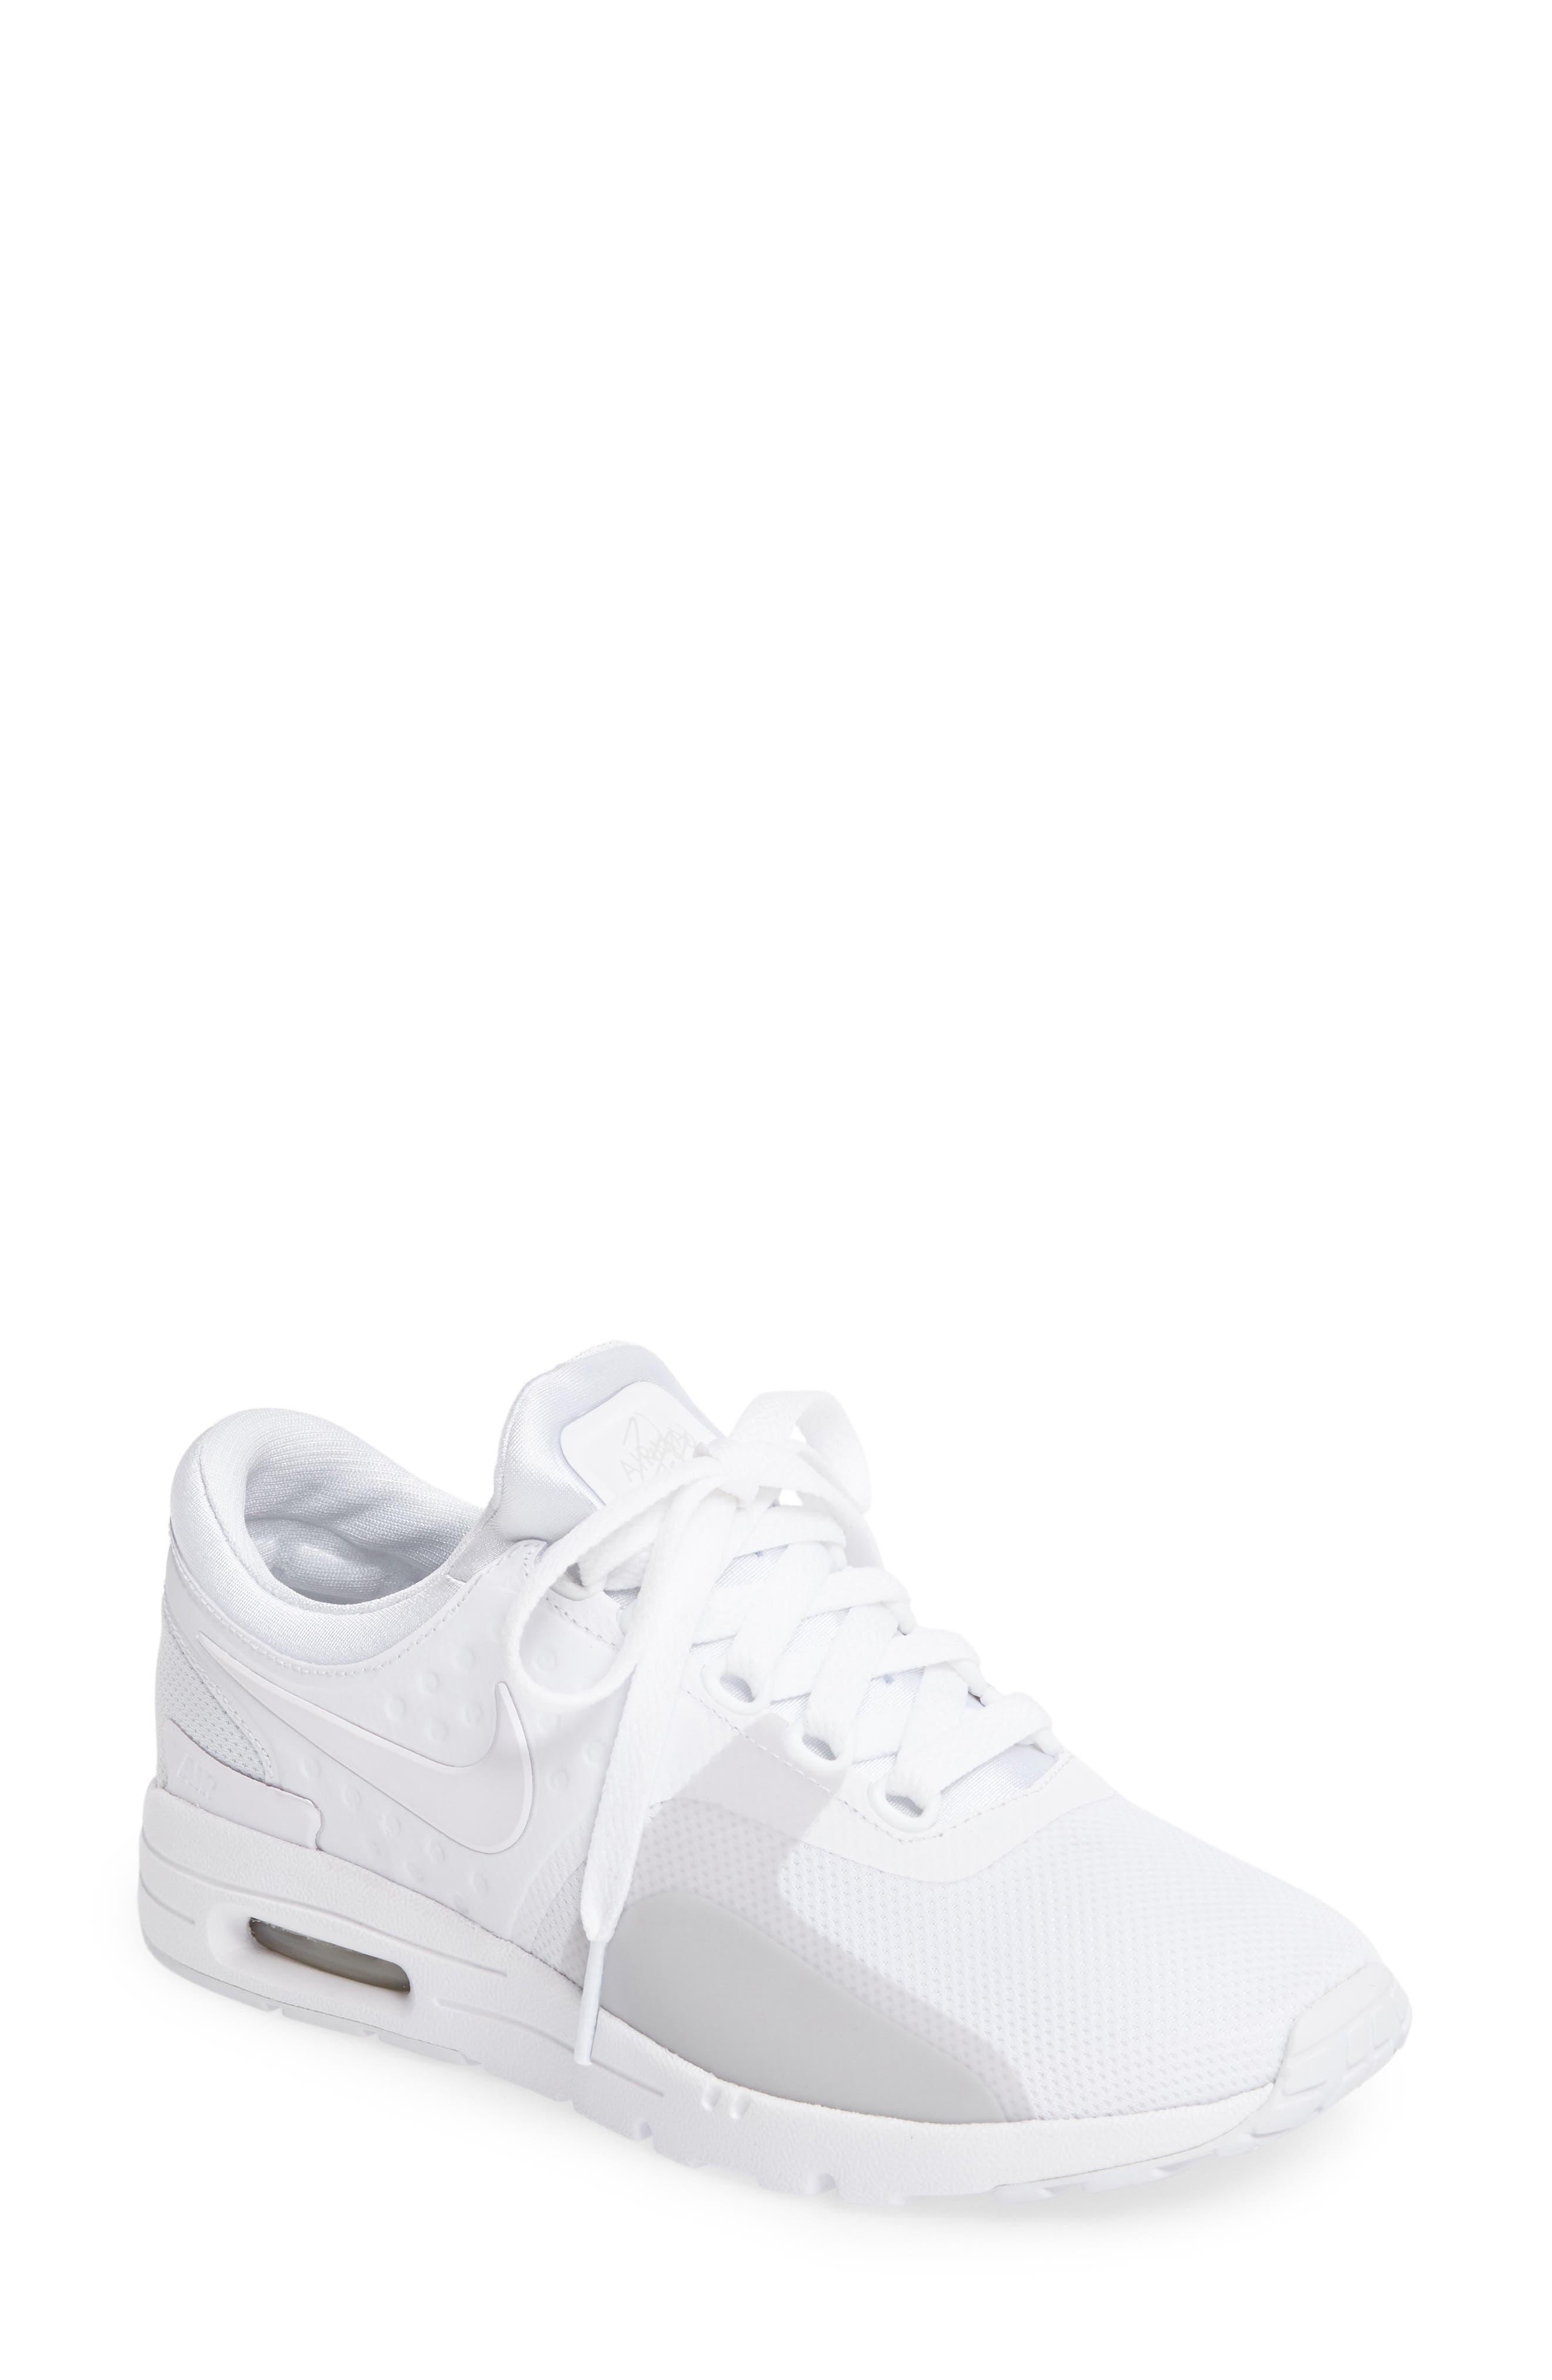 Alternate Image 1 Selected - Nike Air Max Zero Sneaker (Women)